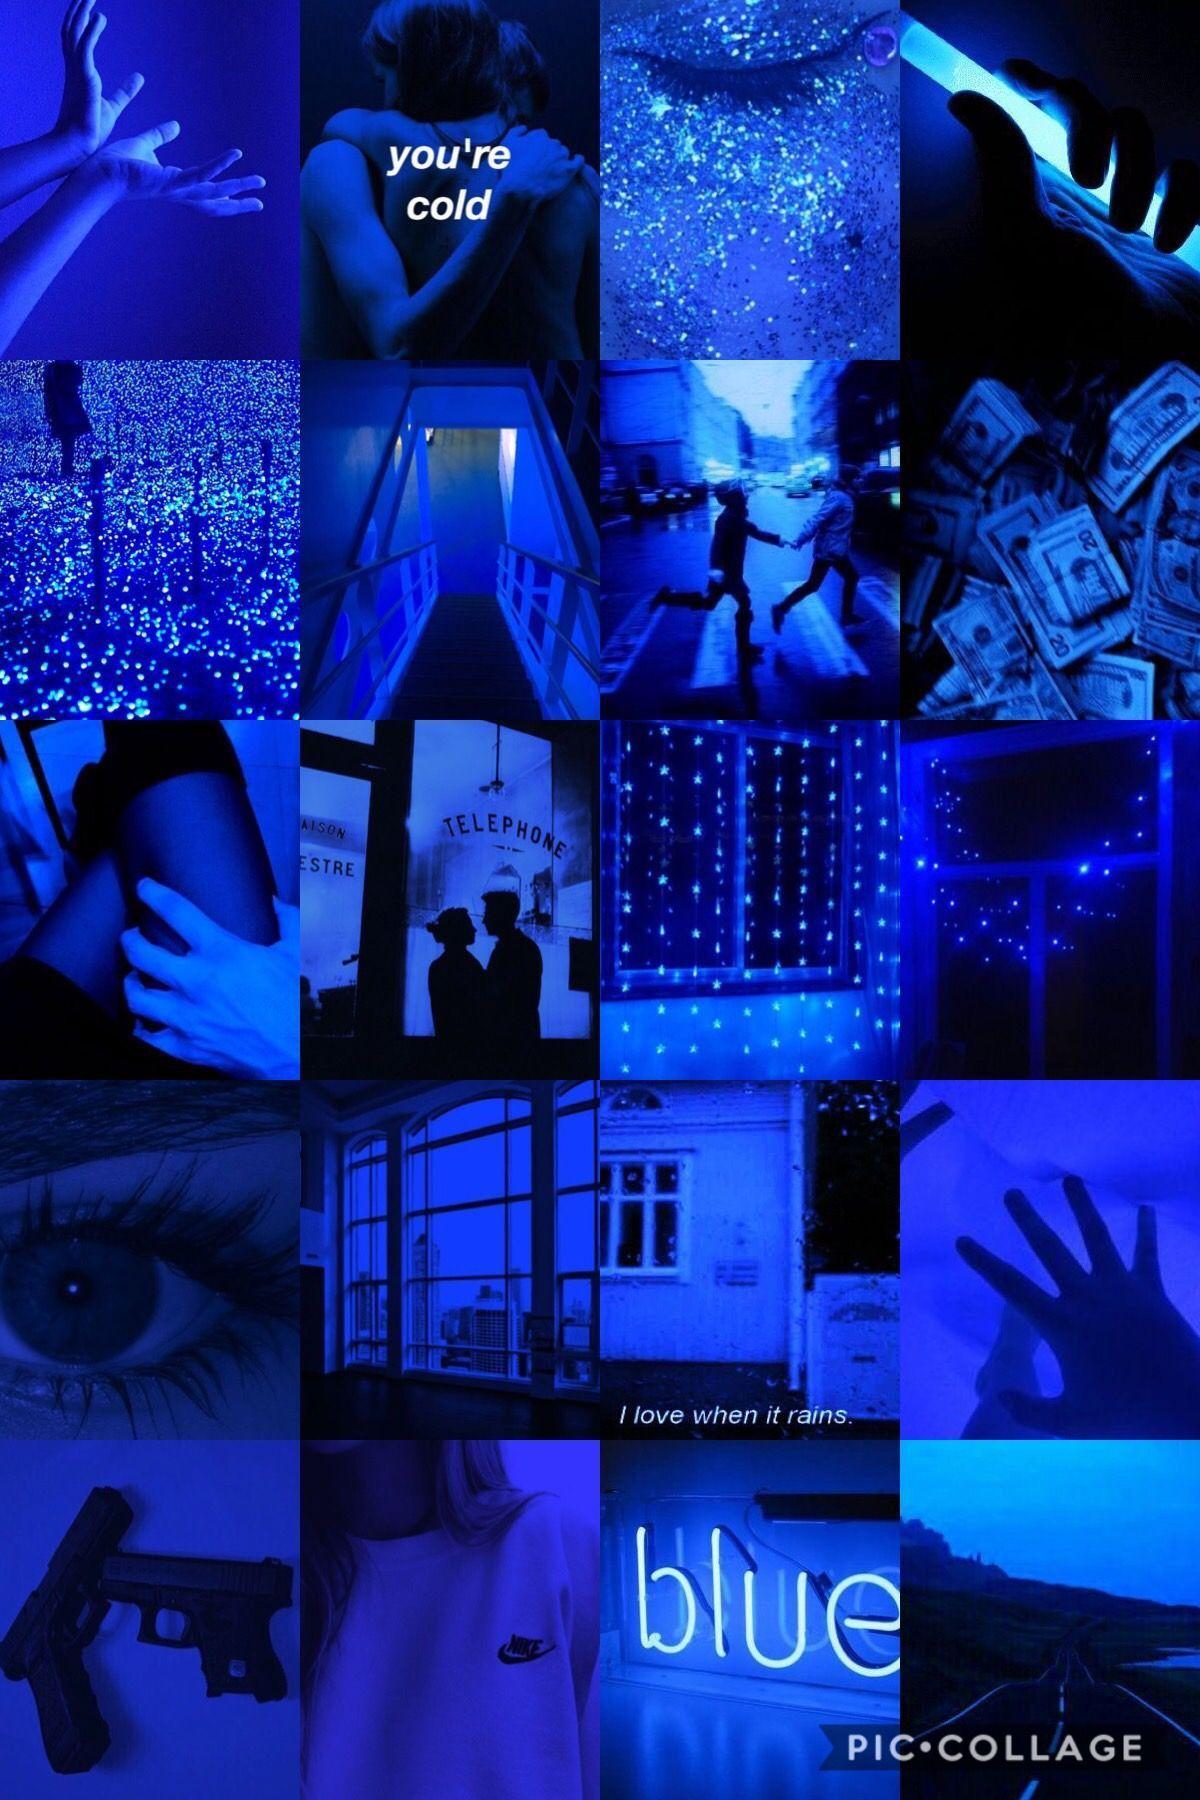 Dark Blue Aesthetic Blueaesthetic Dark Blue Aesthetic In 2020 Blue Aesthetic Tumblr Black Aesthetic Wallpaper Dark Blue Wallpaper